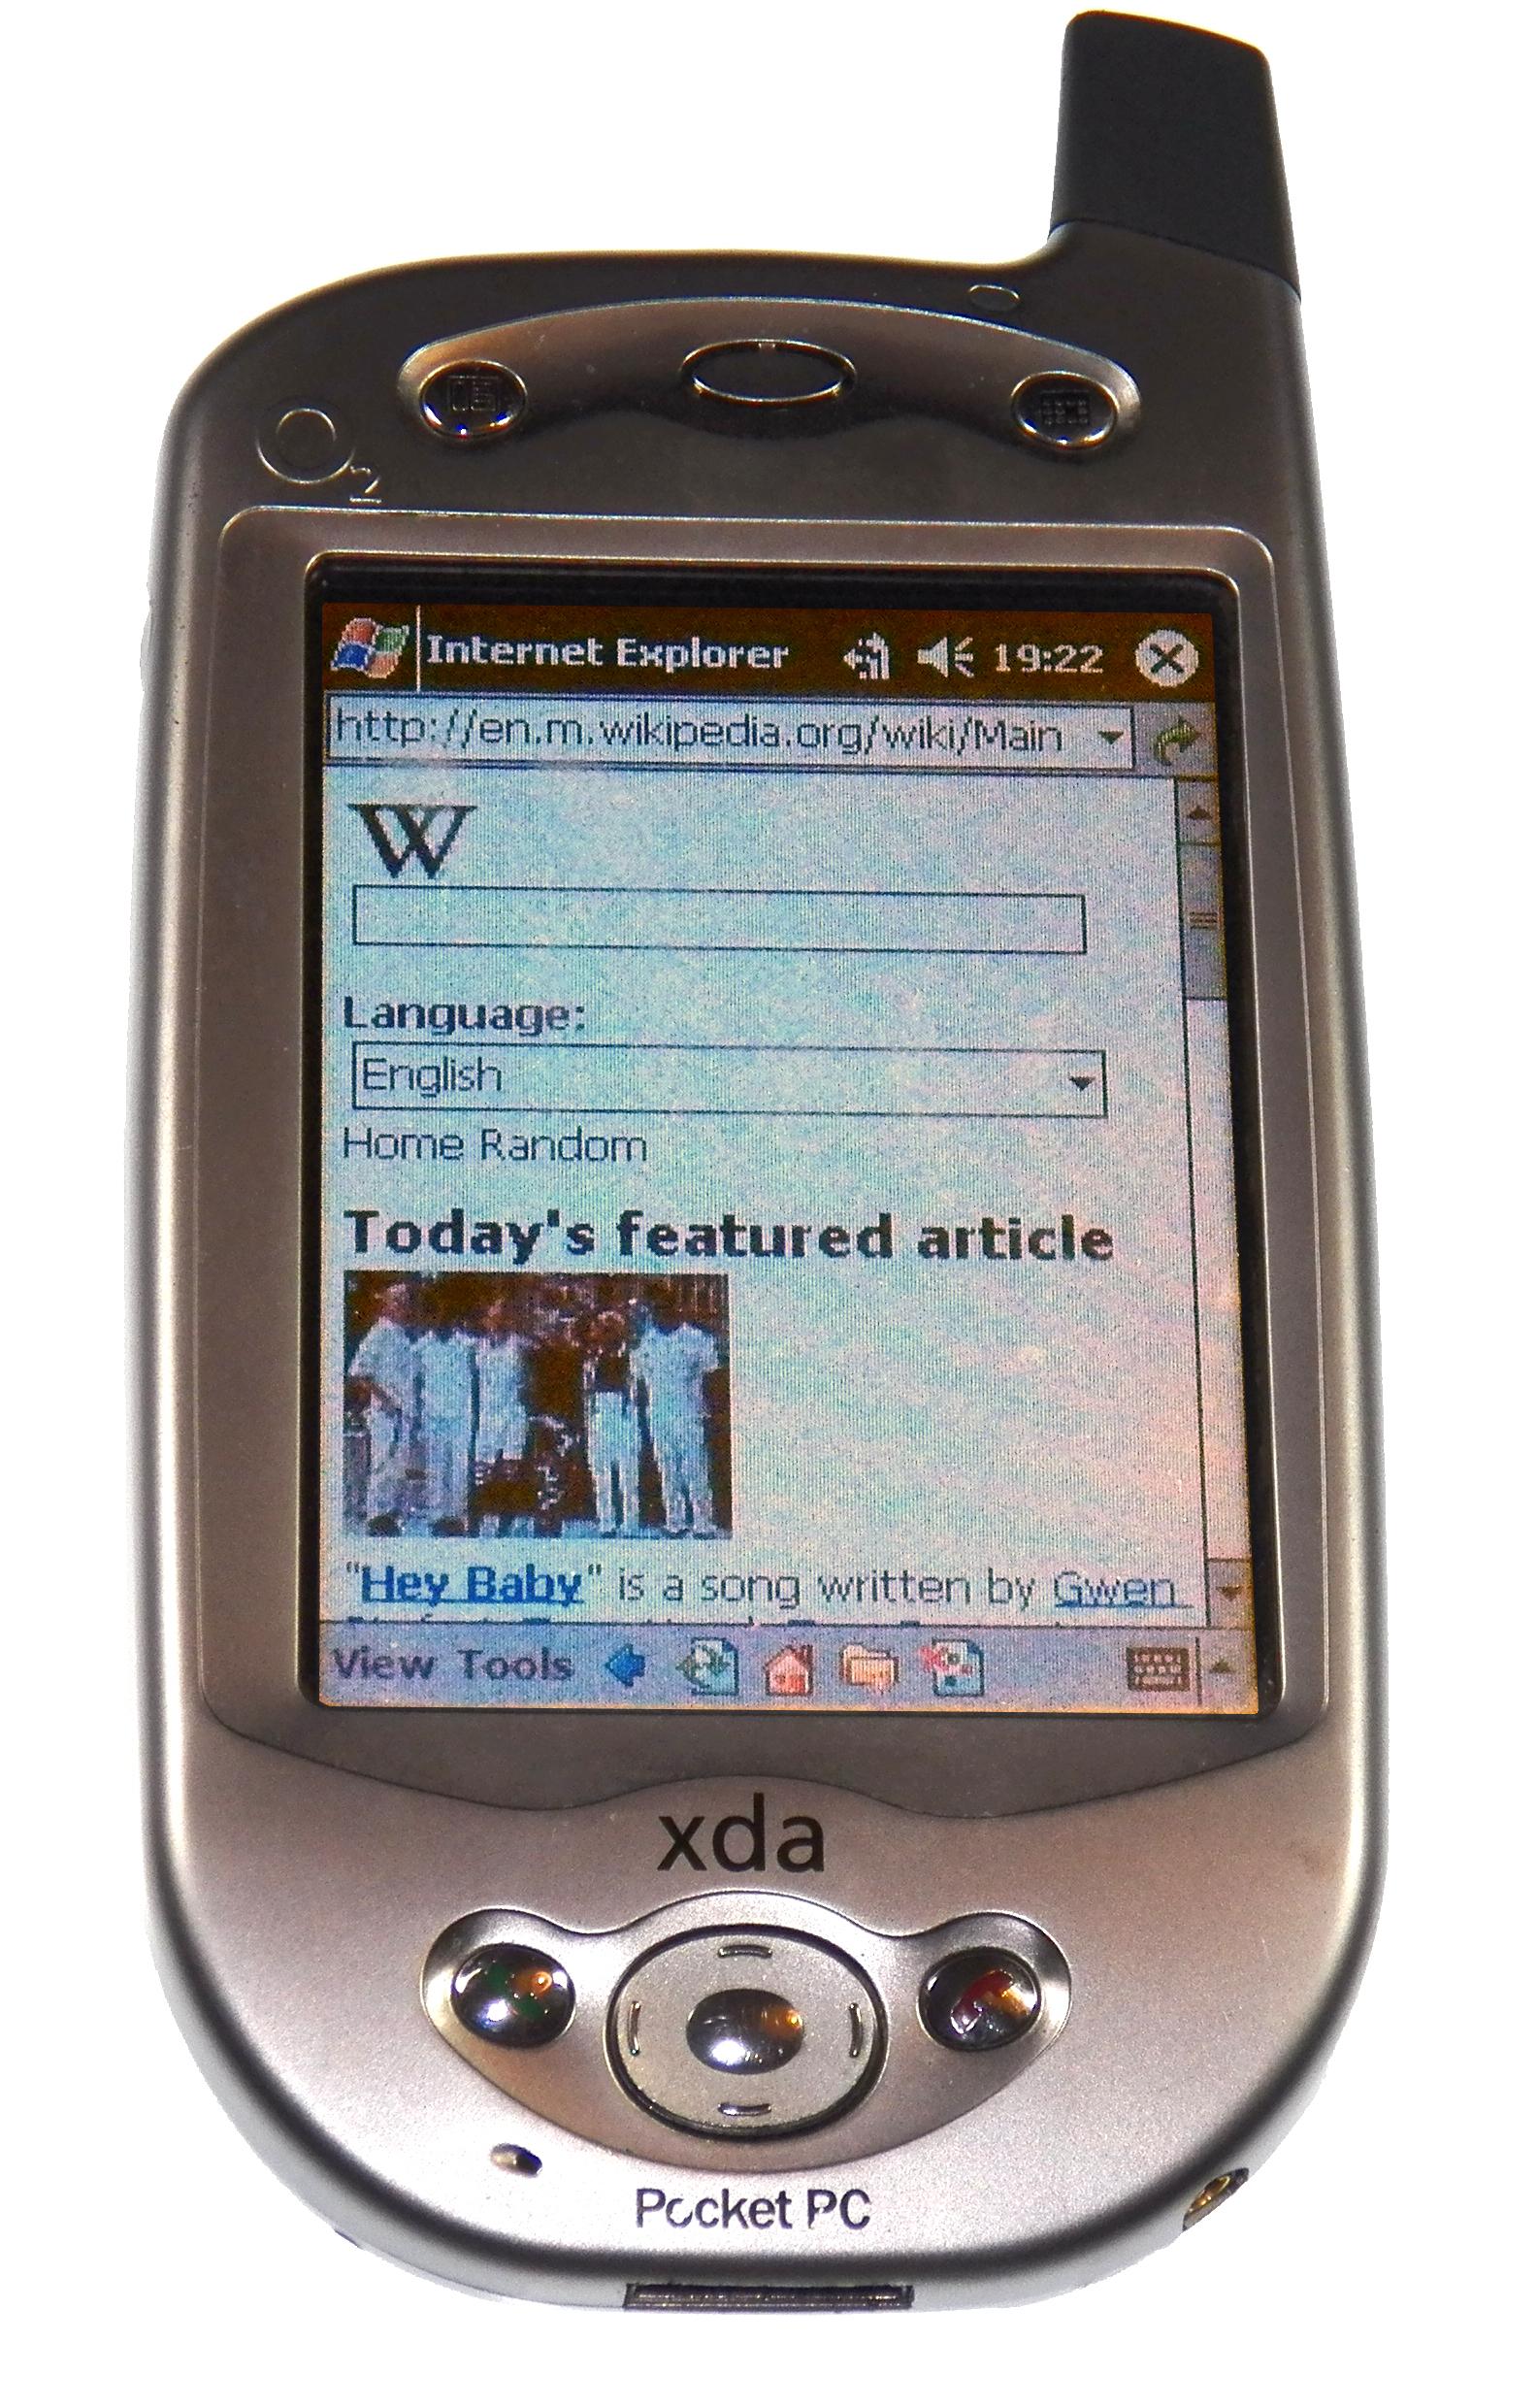 要靠 Vive 翻身的 HTC,昔日原来这么辉煌